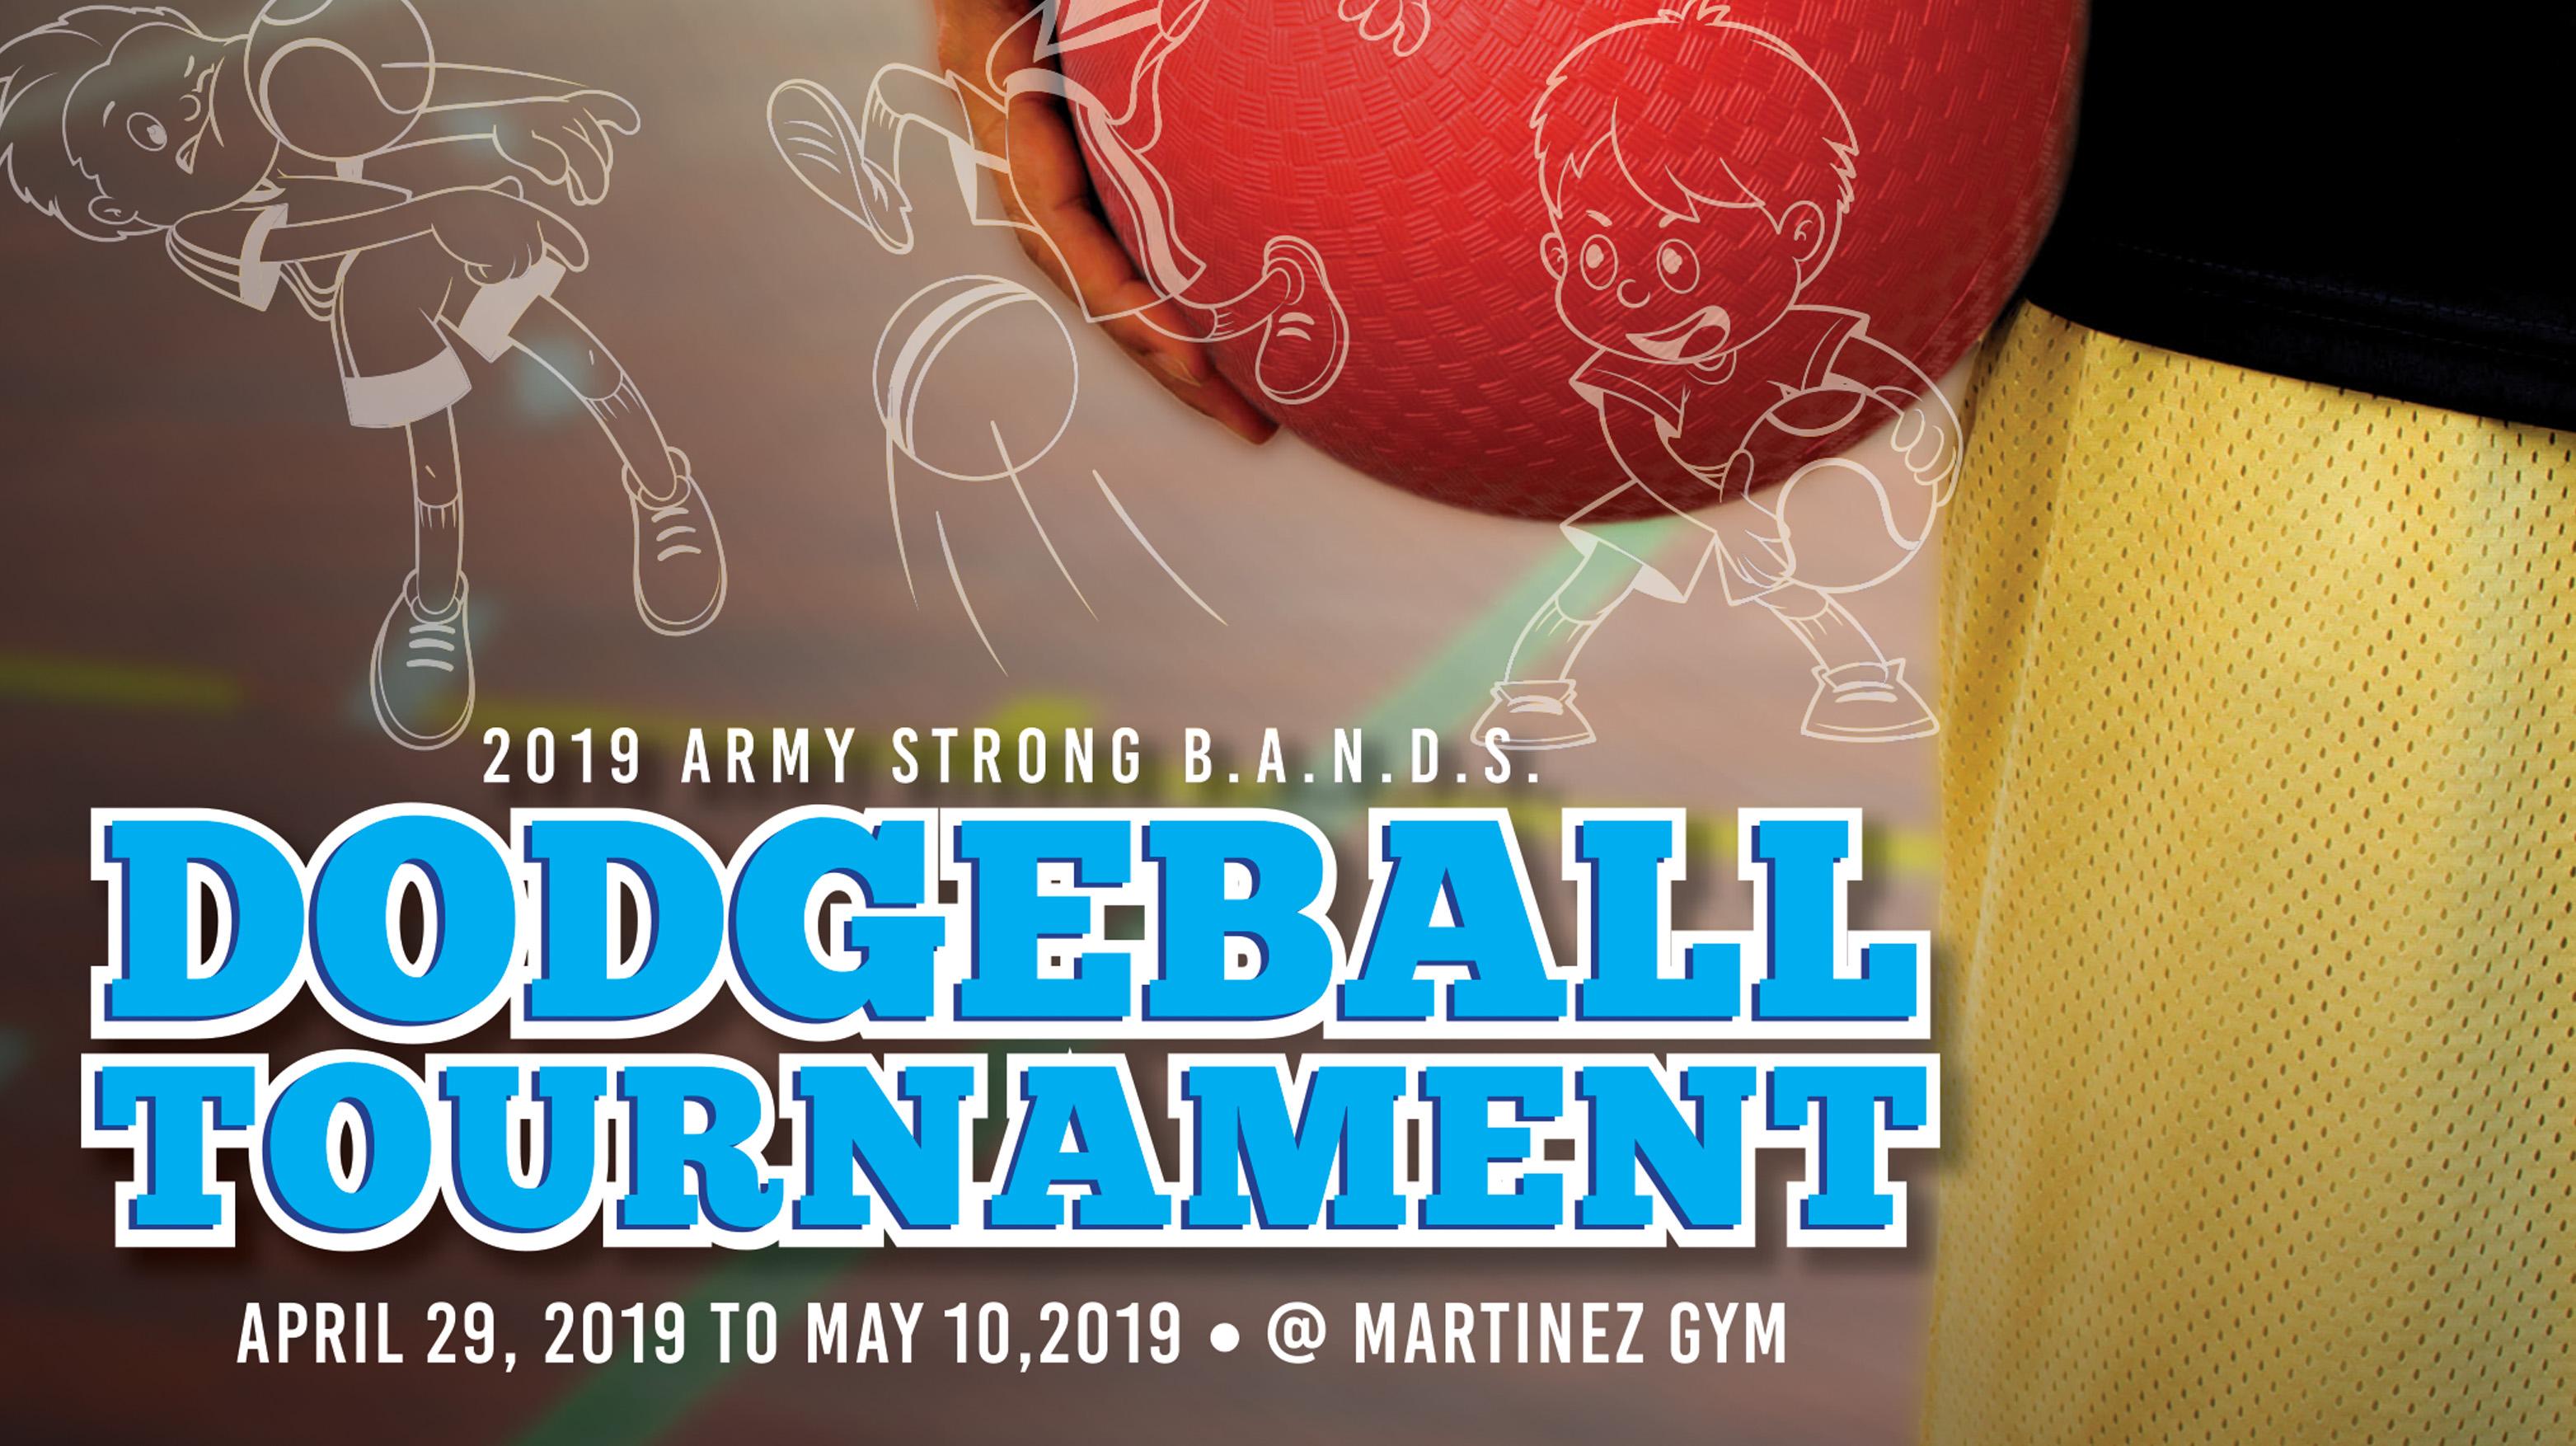 Strong B.A.N.D.S. Dodgeball Tournament